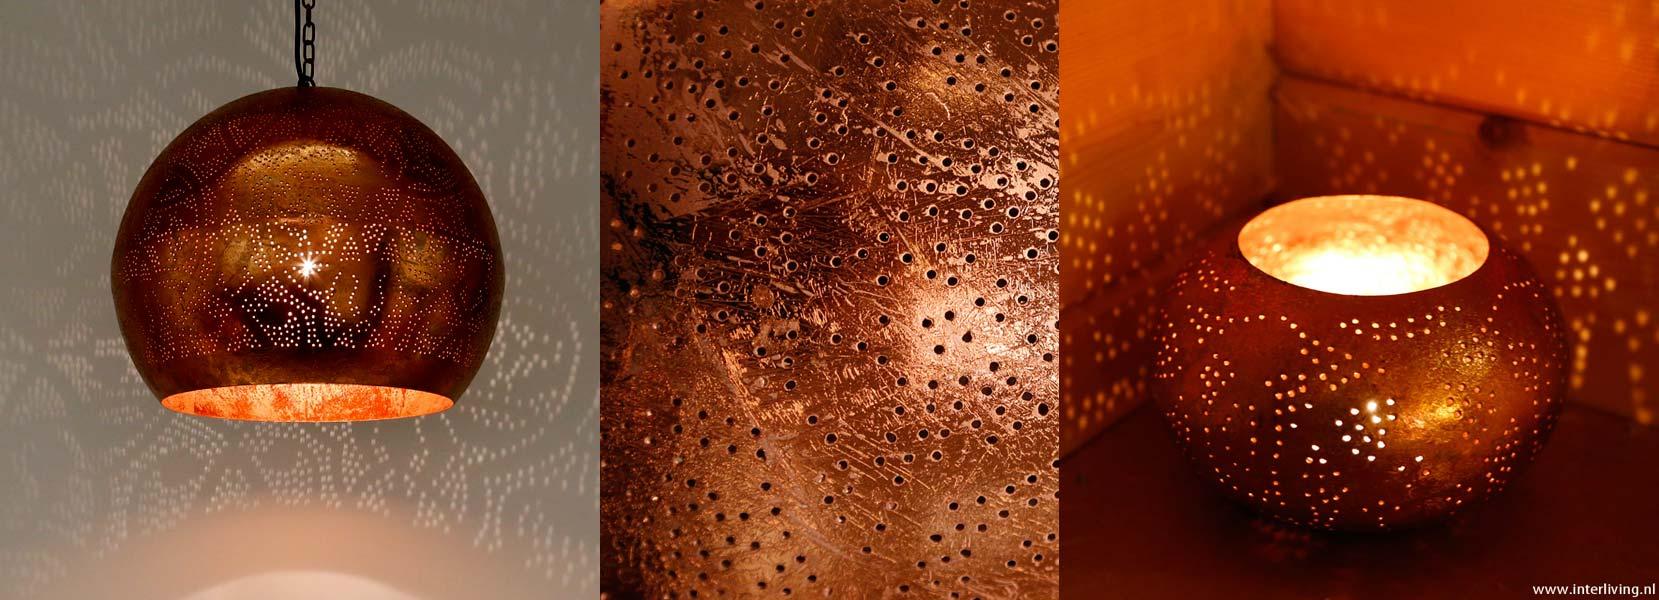 grote hanglamp van vintage koper metaal als sfeerlamp met oosterse, handgemaakt uit India voor een stoer interieur met een warm gevoel